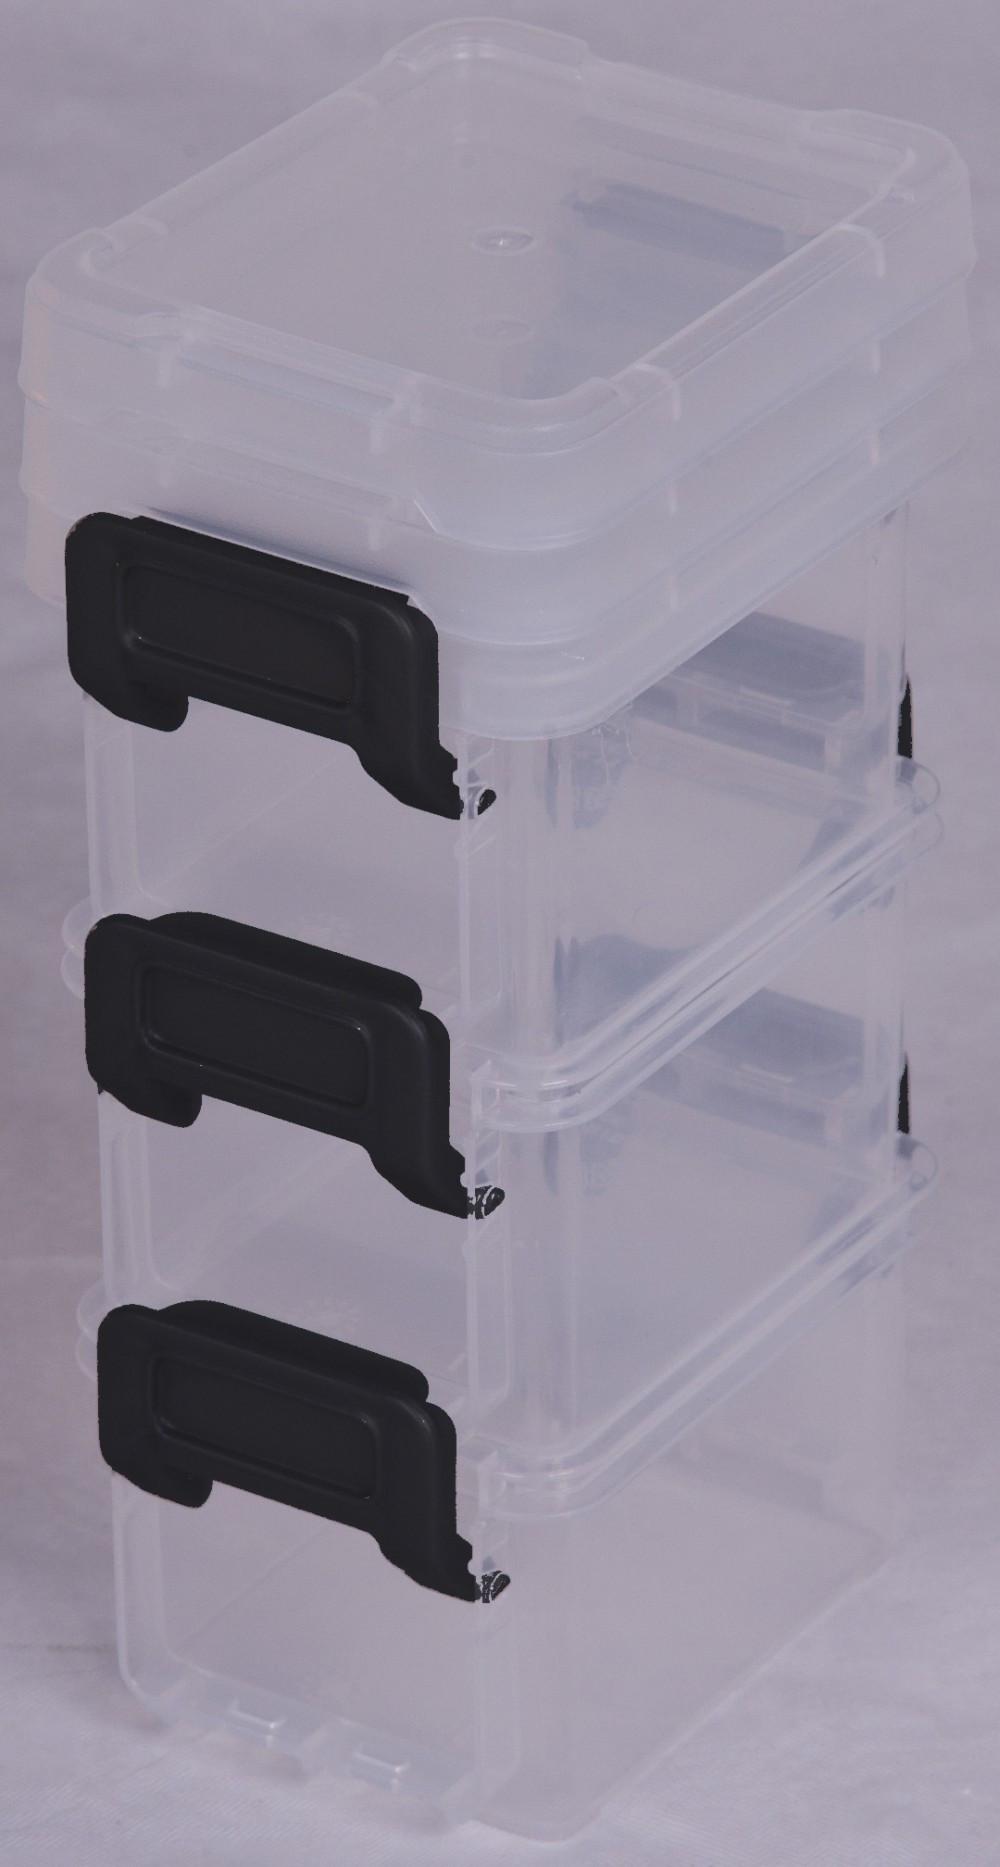 lot de 3 boites IRIS plastique transparent l.6.5 x P.9 x H.5.5 cm cm